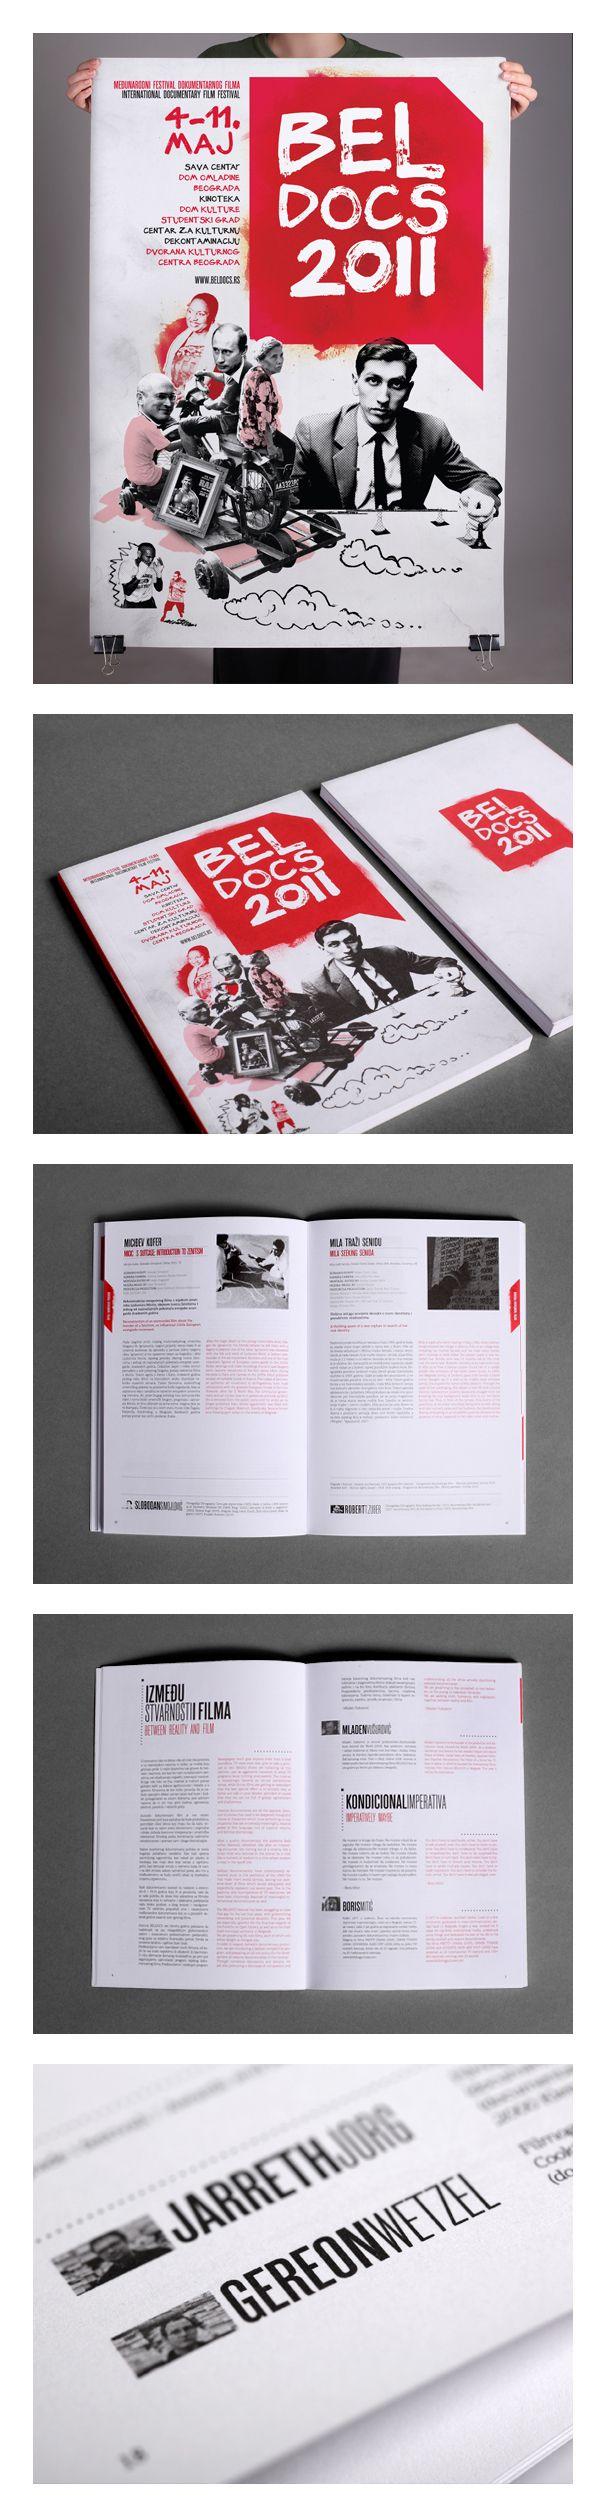 """Belgrade documentary film festival """"Beldocs 2011"""" poster & catalogue"""